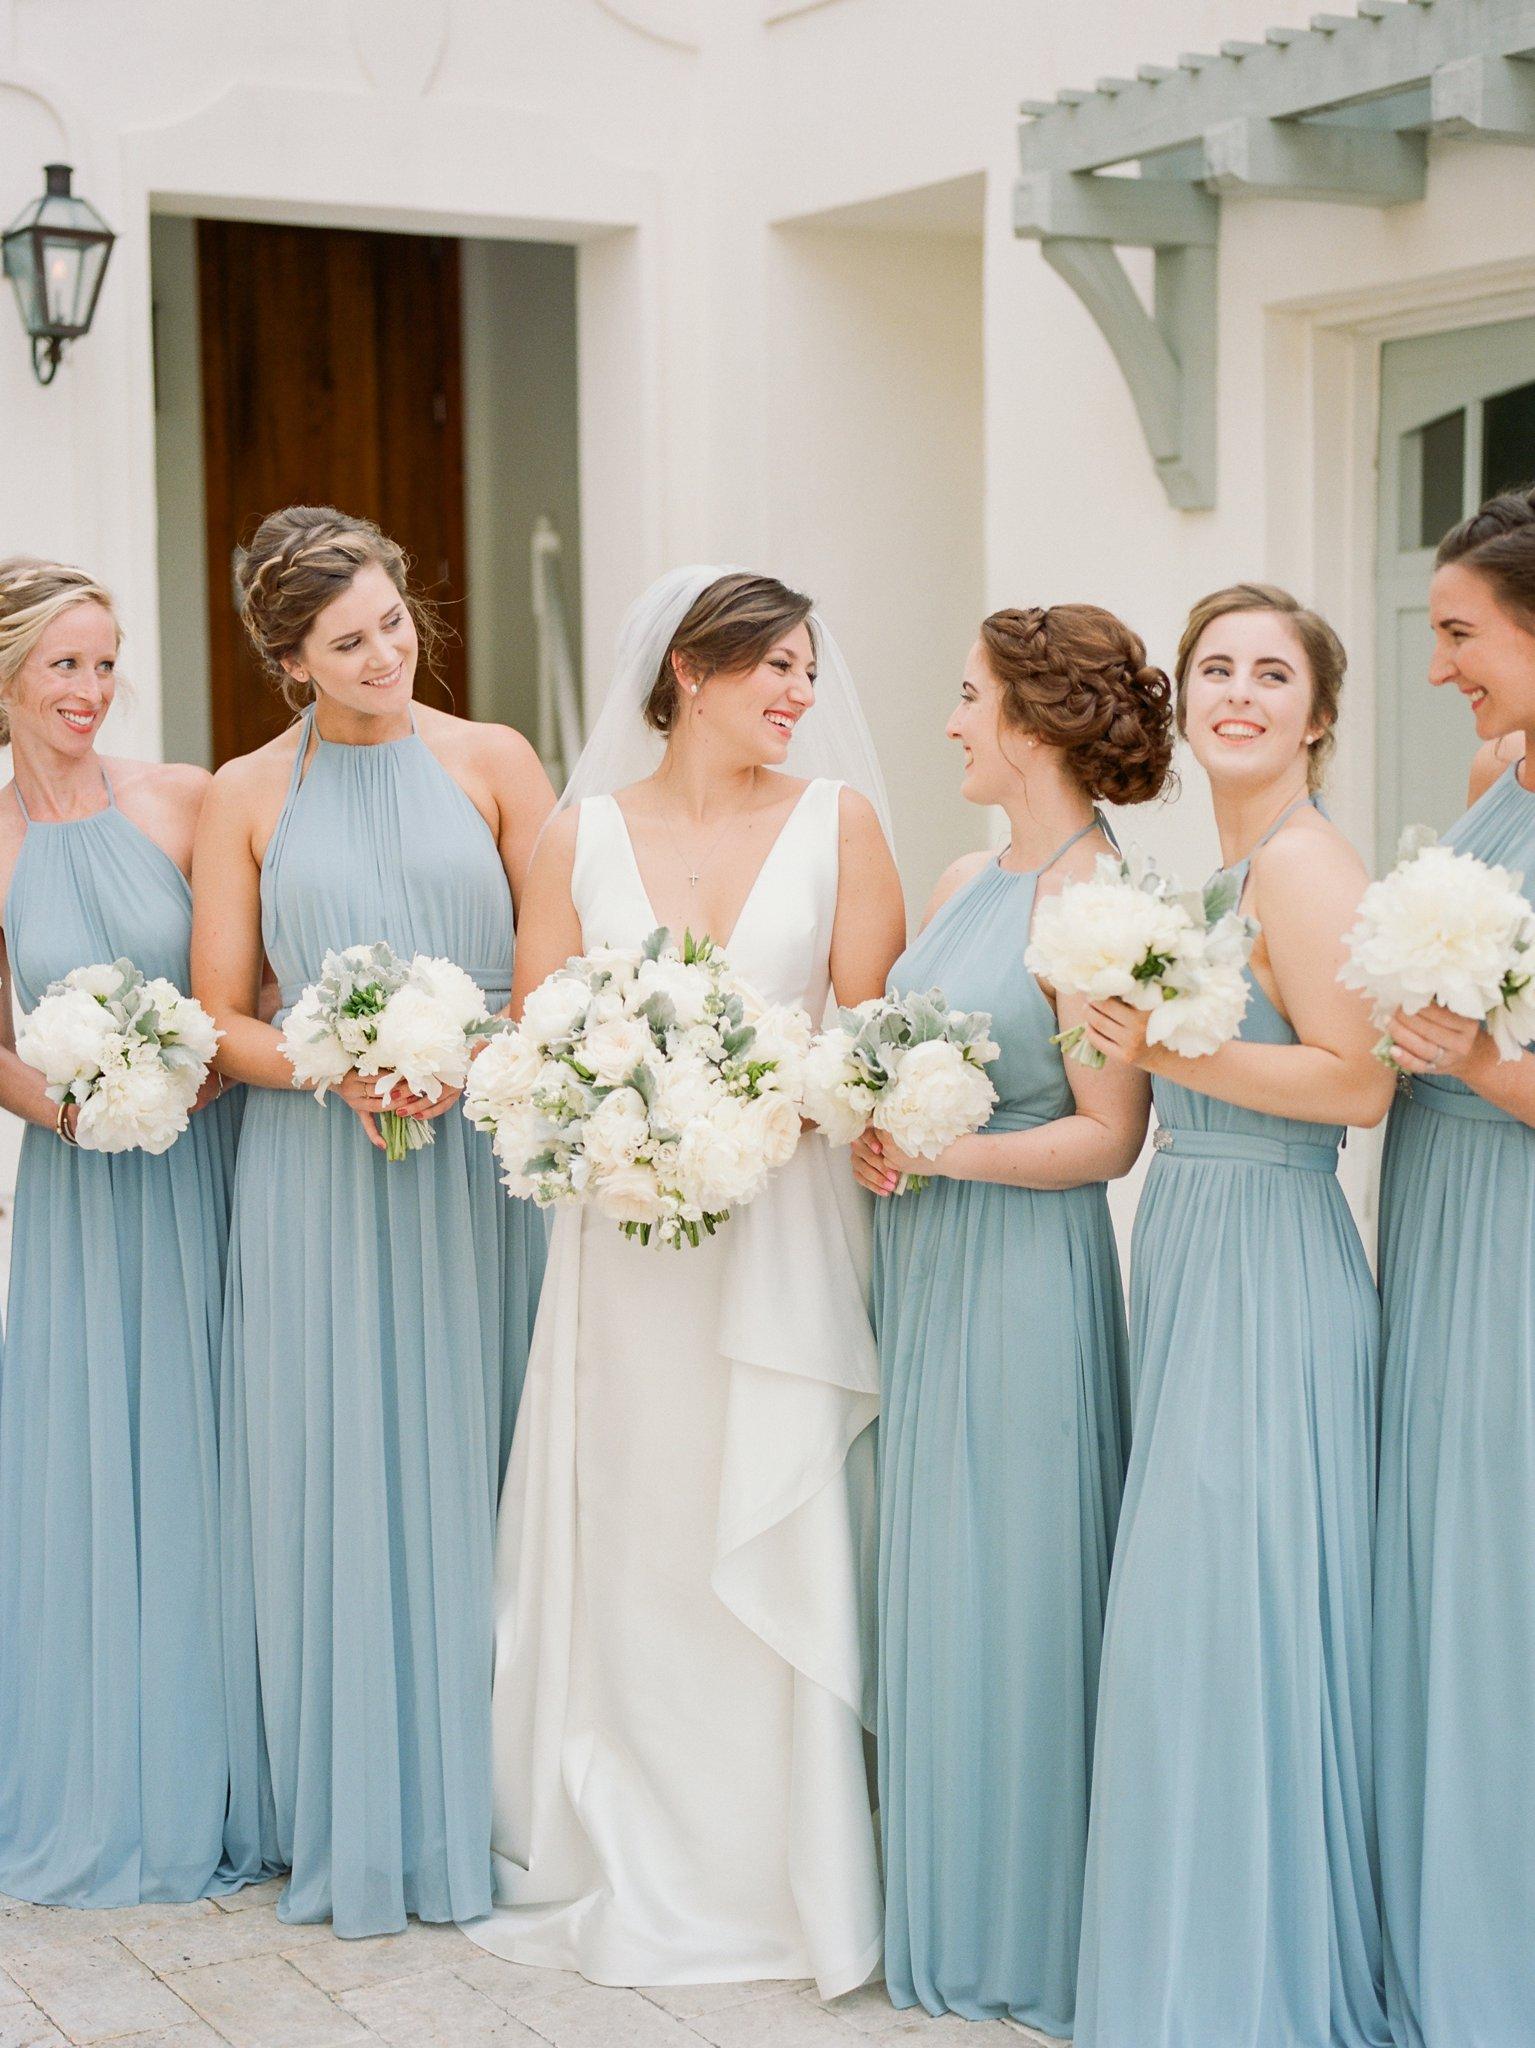 carillon beach wedding photographer shannon griffin photographer_0079.jpg